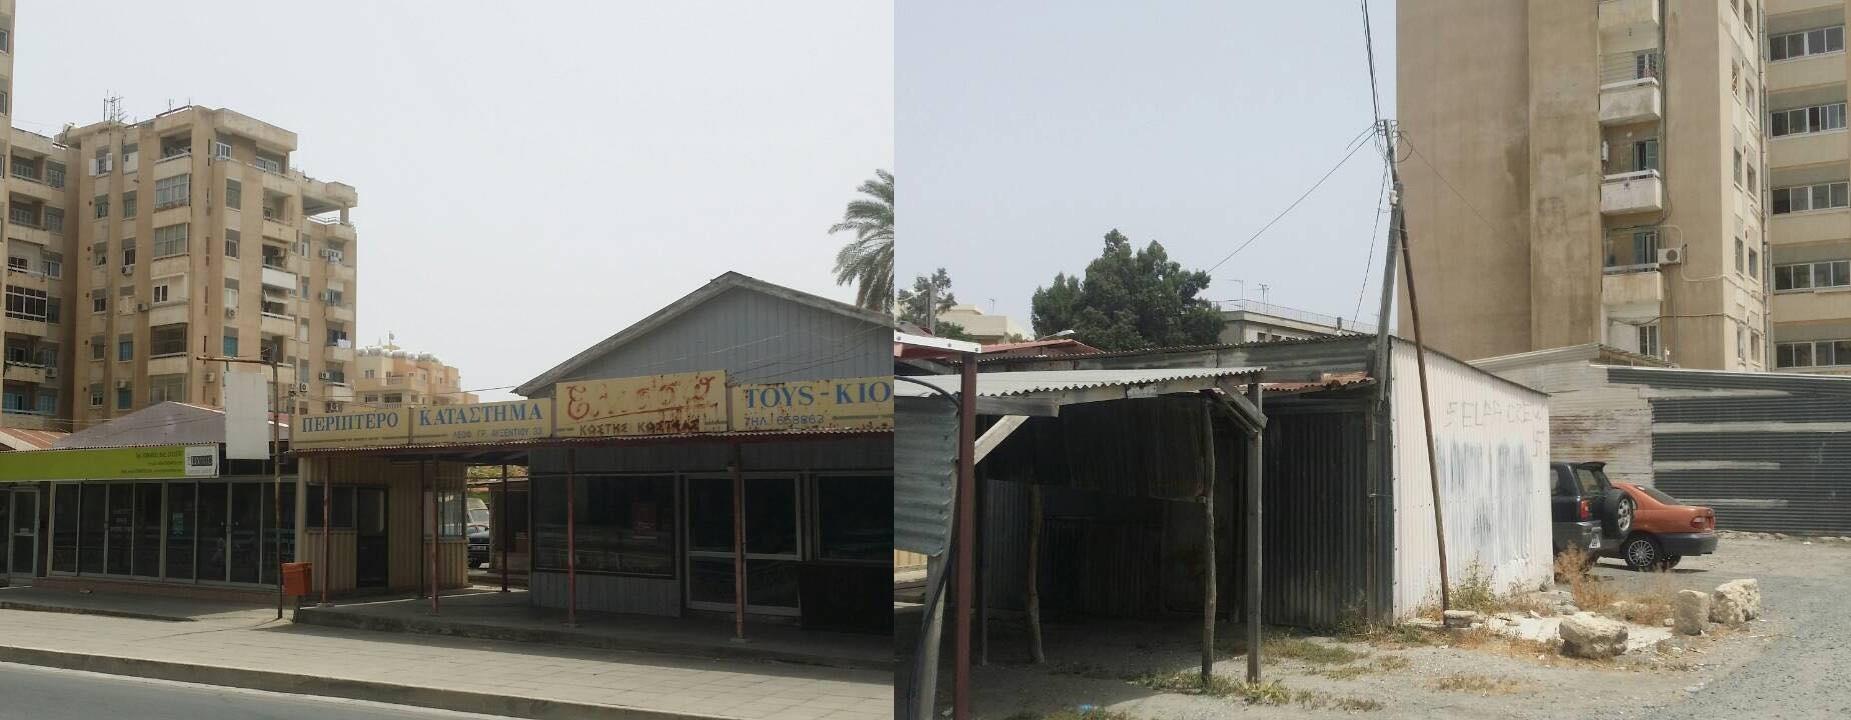 Ο Σκαλιώτης εντόπισε την «παραγκούπολη» της Λάρνακας και σχολιάζει…(pics)